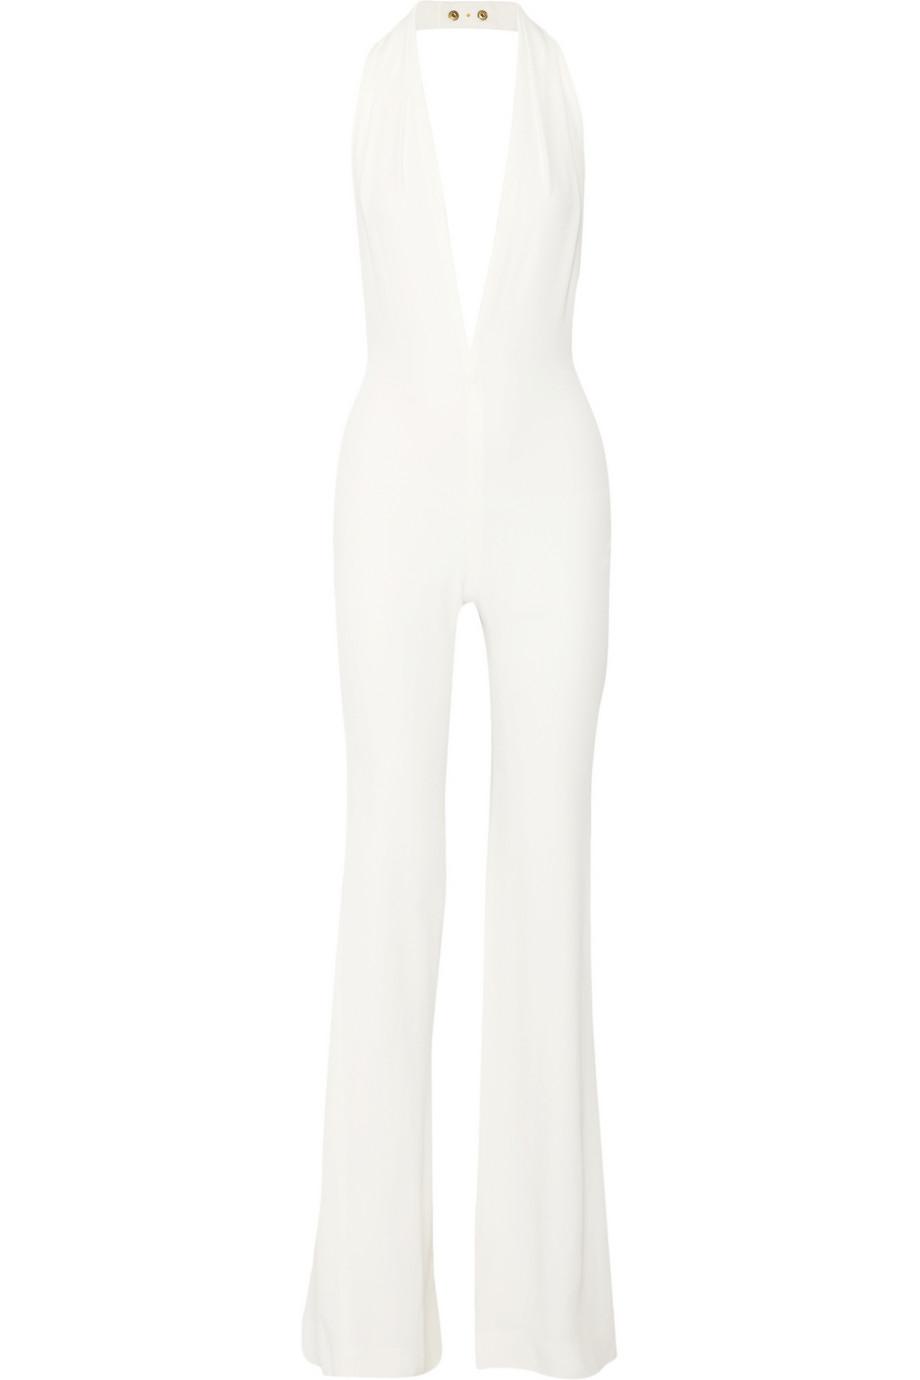 d42ddb0d40c Lyst - Balmain Halterneck Crepe Jumpsuit in White